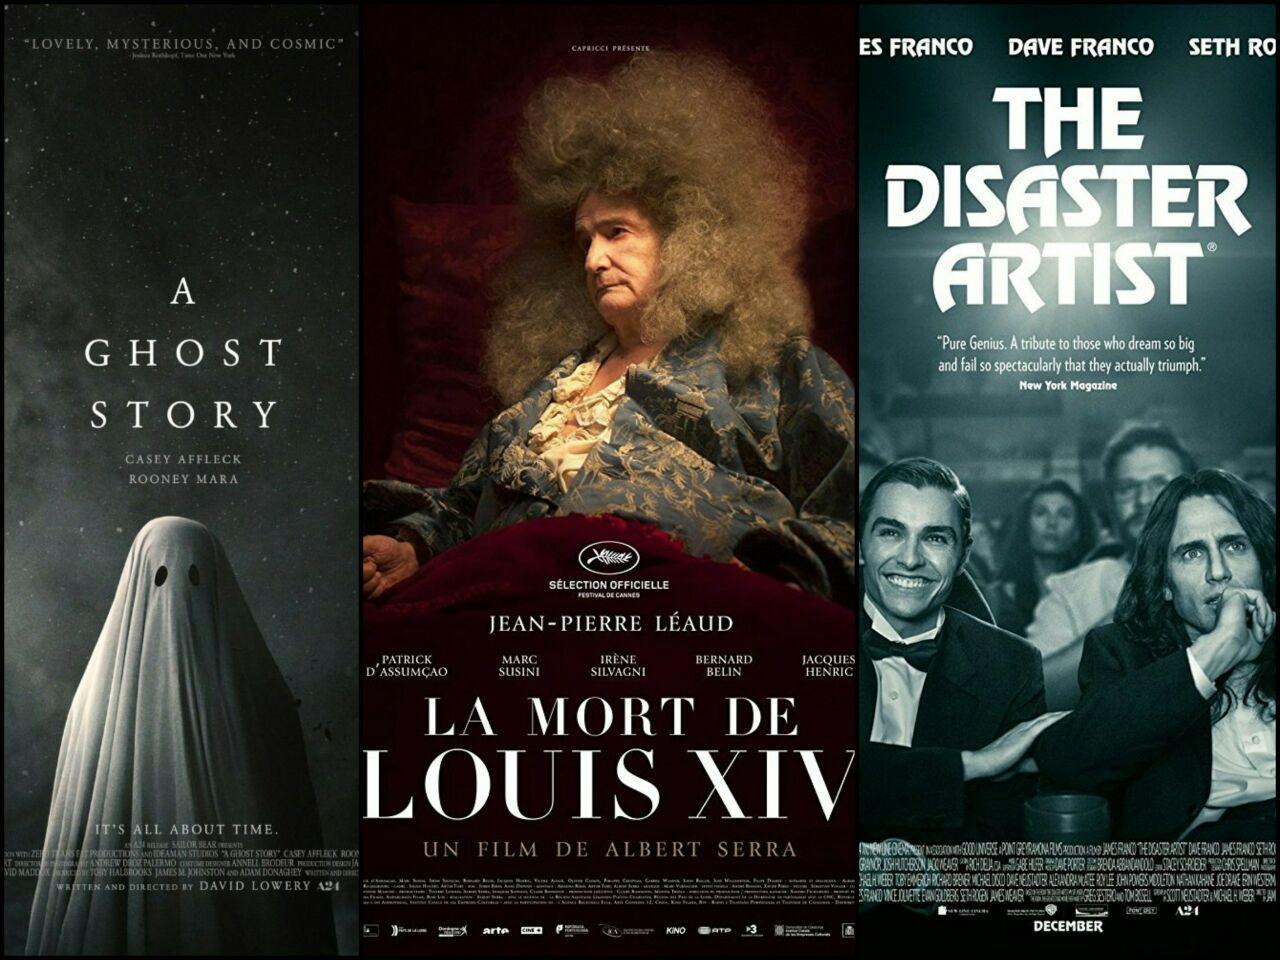 20 فیلم برتر ۲۰۱۷ براساس نظر منتقدین( قسمت اول )